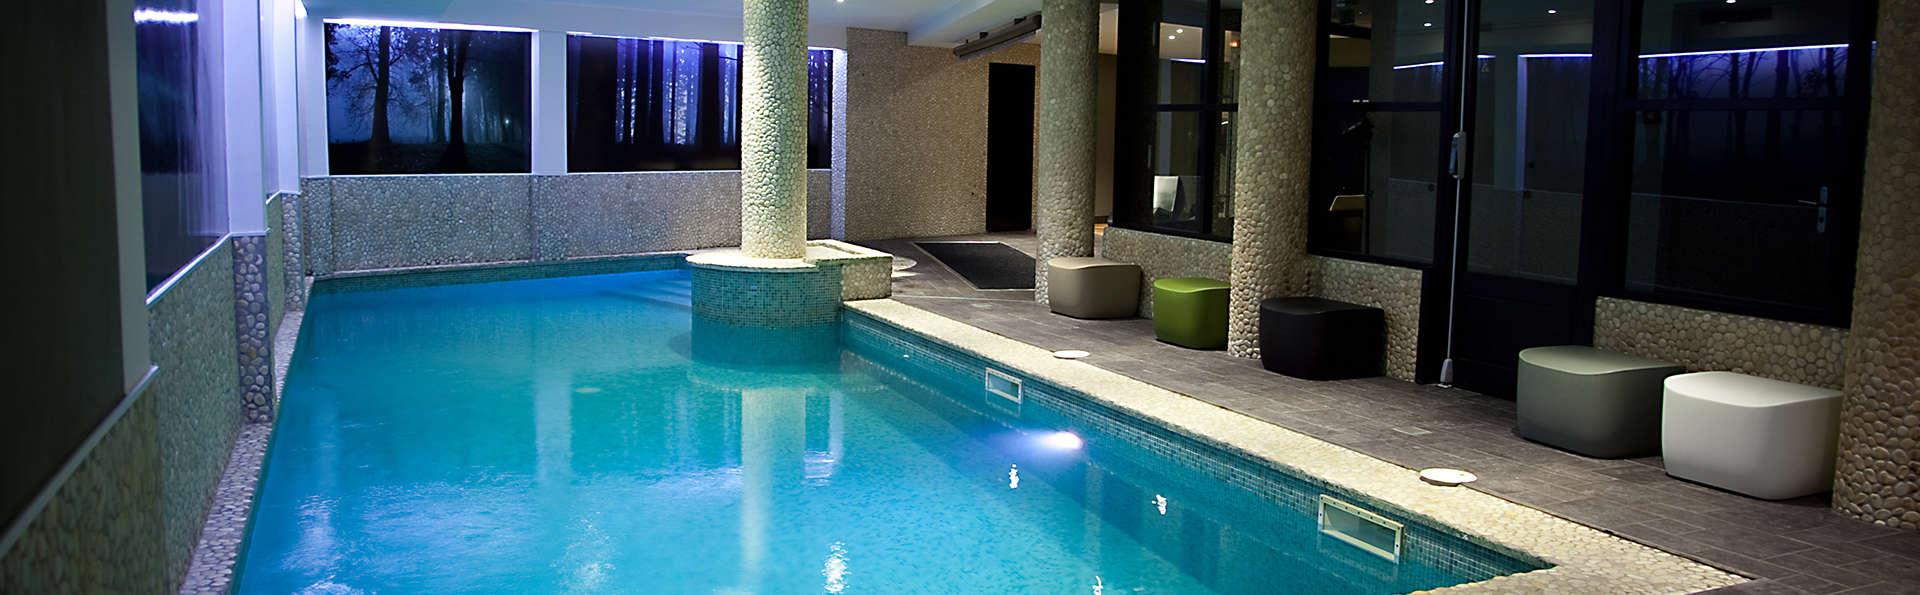 Agora Hôtel Hyper Centre - EDIT_spa2.jpg